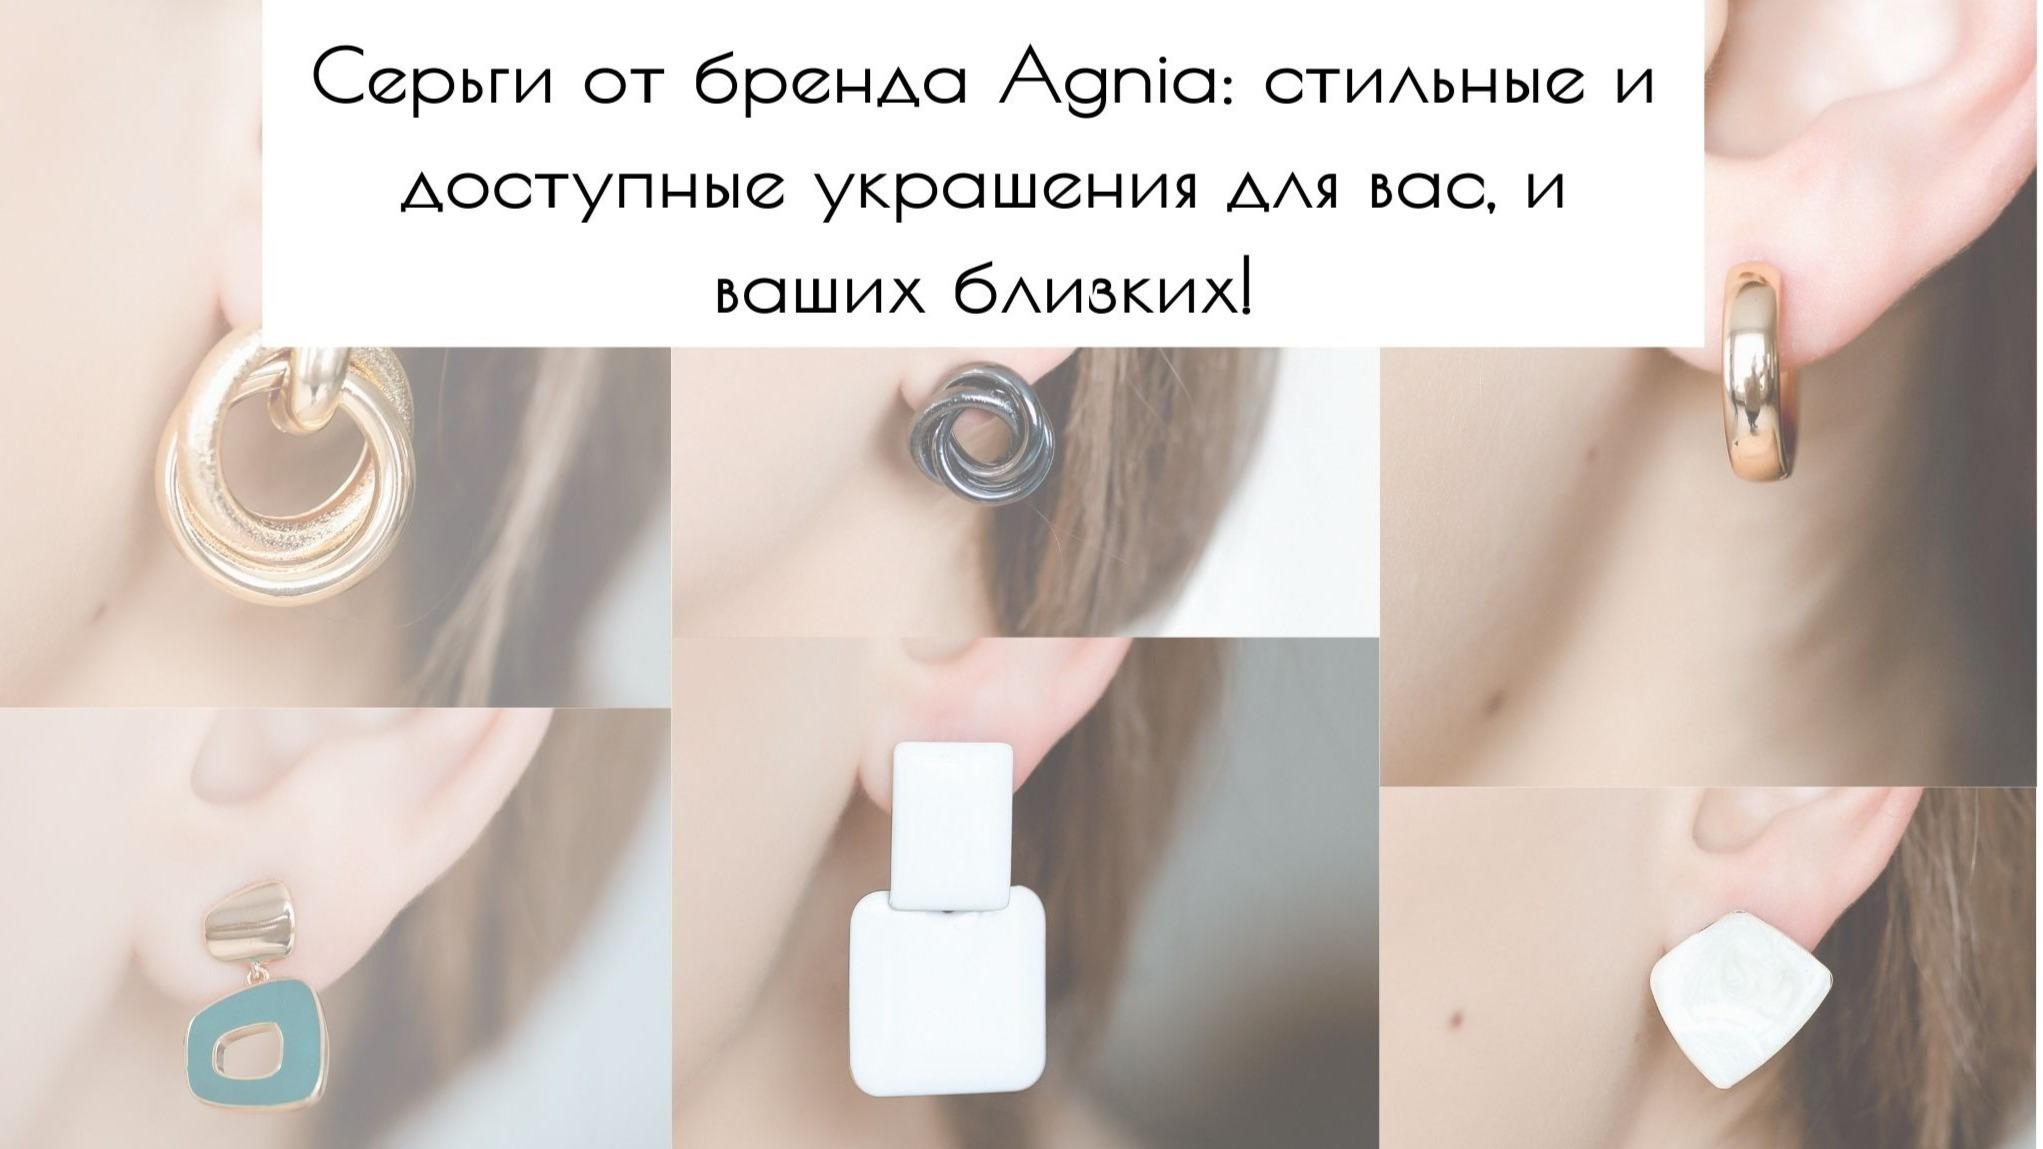 Серьги от бренда Agnia: стильные и доступные украшения для вас, и ваших близких!